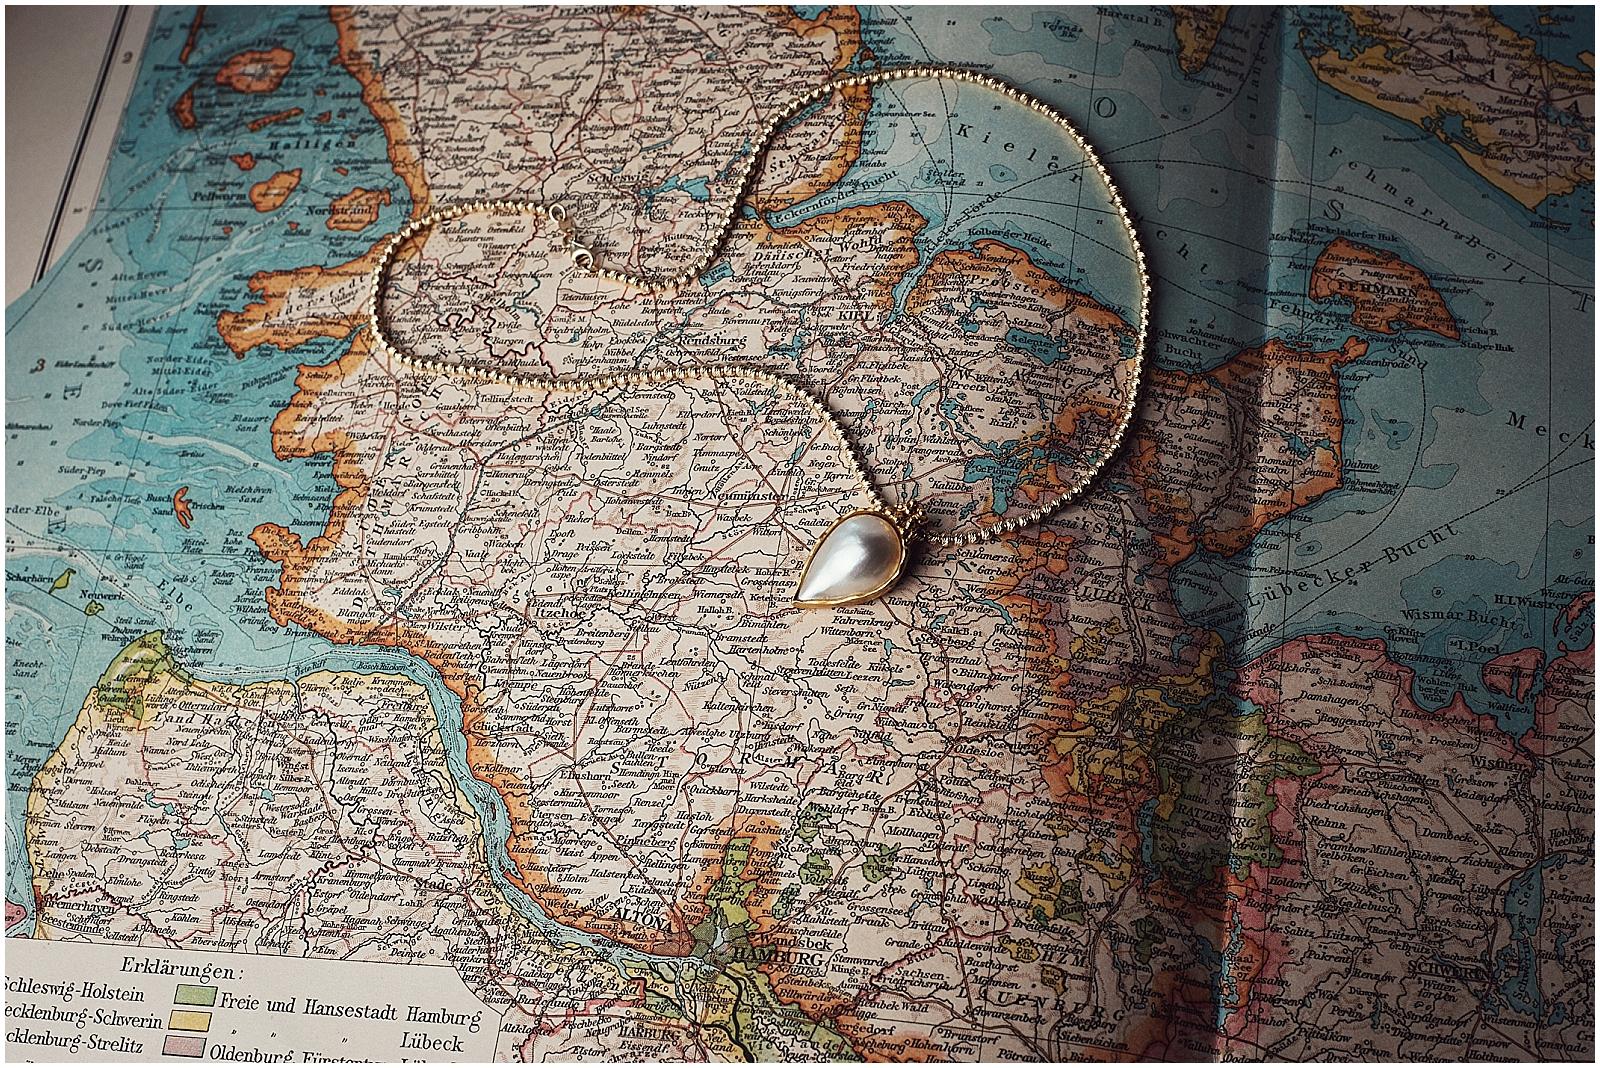 0098_bokelmühle_hochzeitslocation_norddeutschland_hamburg_hochzeitslocation am see_winterhochzeit_quirin photography_verruecktnachhochzeit